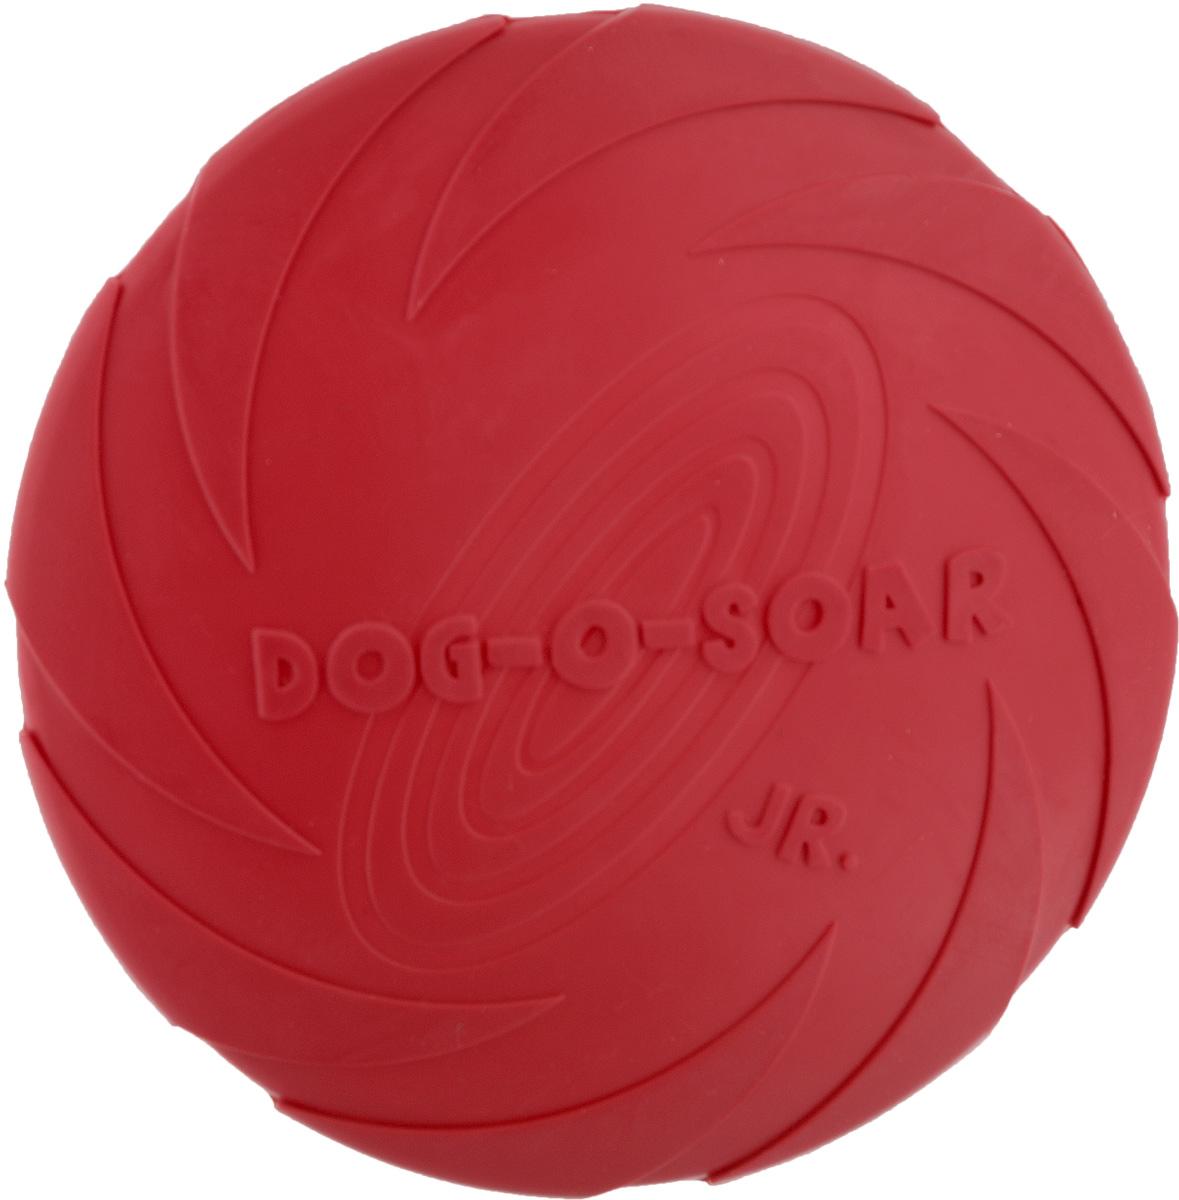 Игрушка для собак I.P.T.S. Фрисби, цвет: красный, диаметр 18 см0120710Игрушка I.P.T.S. Фрисби, выполненная из резины, отлично подойдет для совместных игр хозяина и собаки. В отличие от пластиковых, такая игрушка не образует острых зазубрин и трещин, способных повредить десны питомца. Совместные игры укрепляют взаимоотношение и понимание.Диаметр: 18 см.